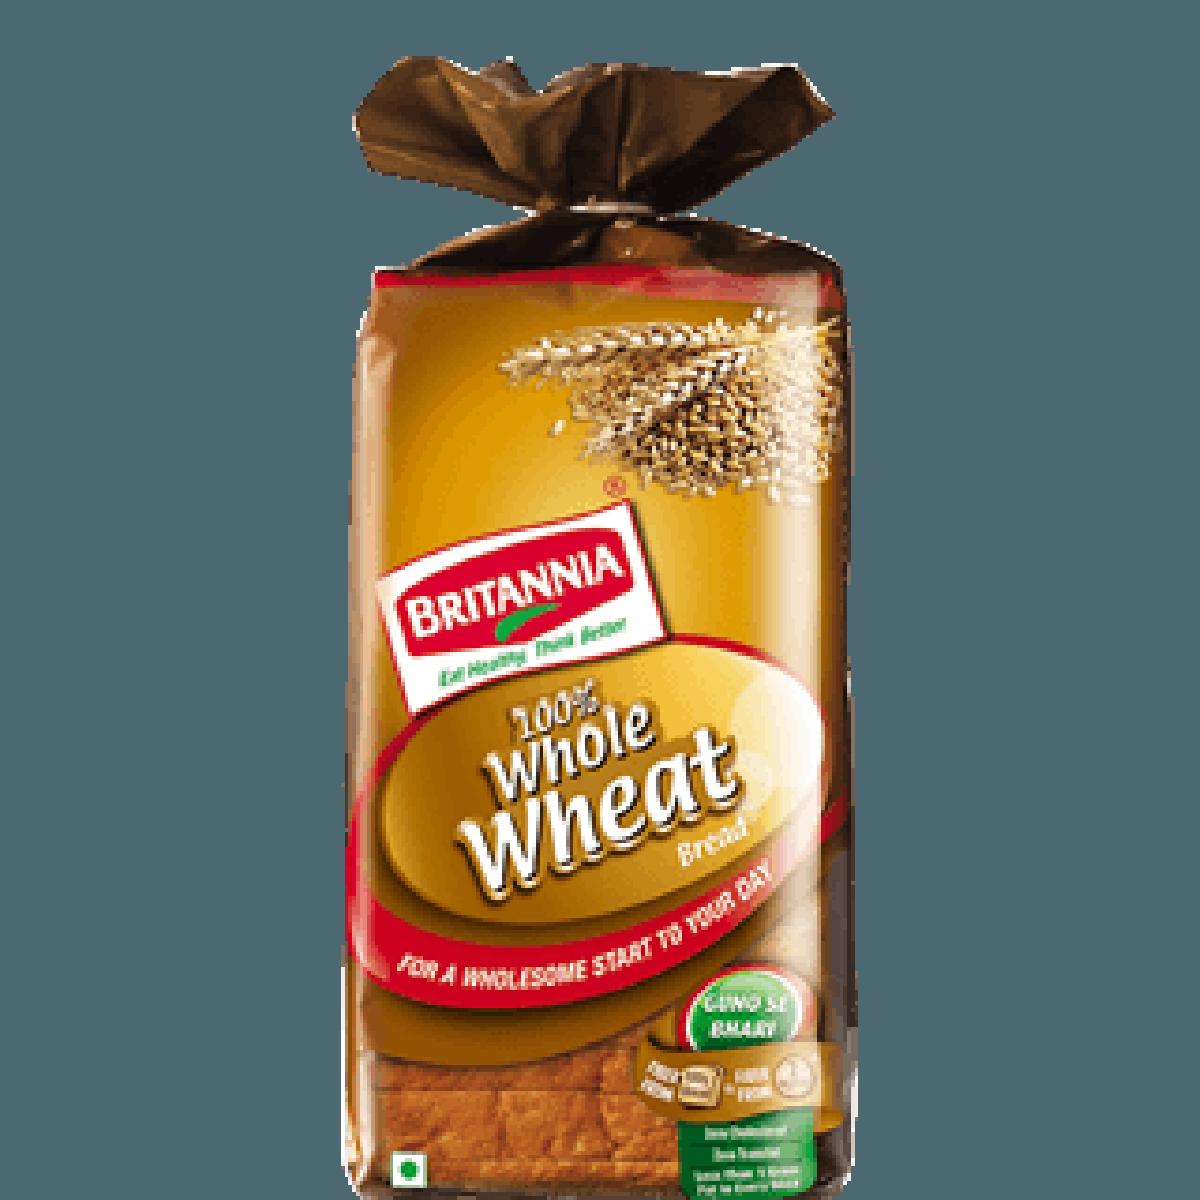 Britannia Whole Bread Image